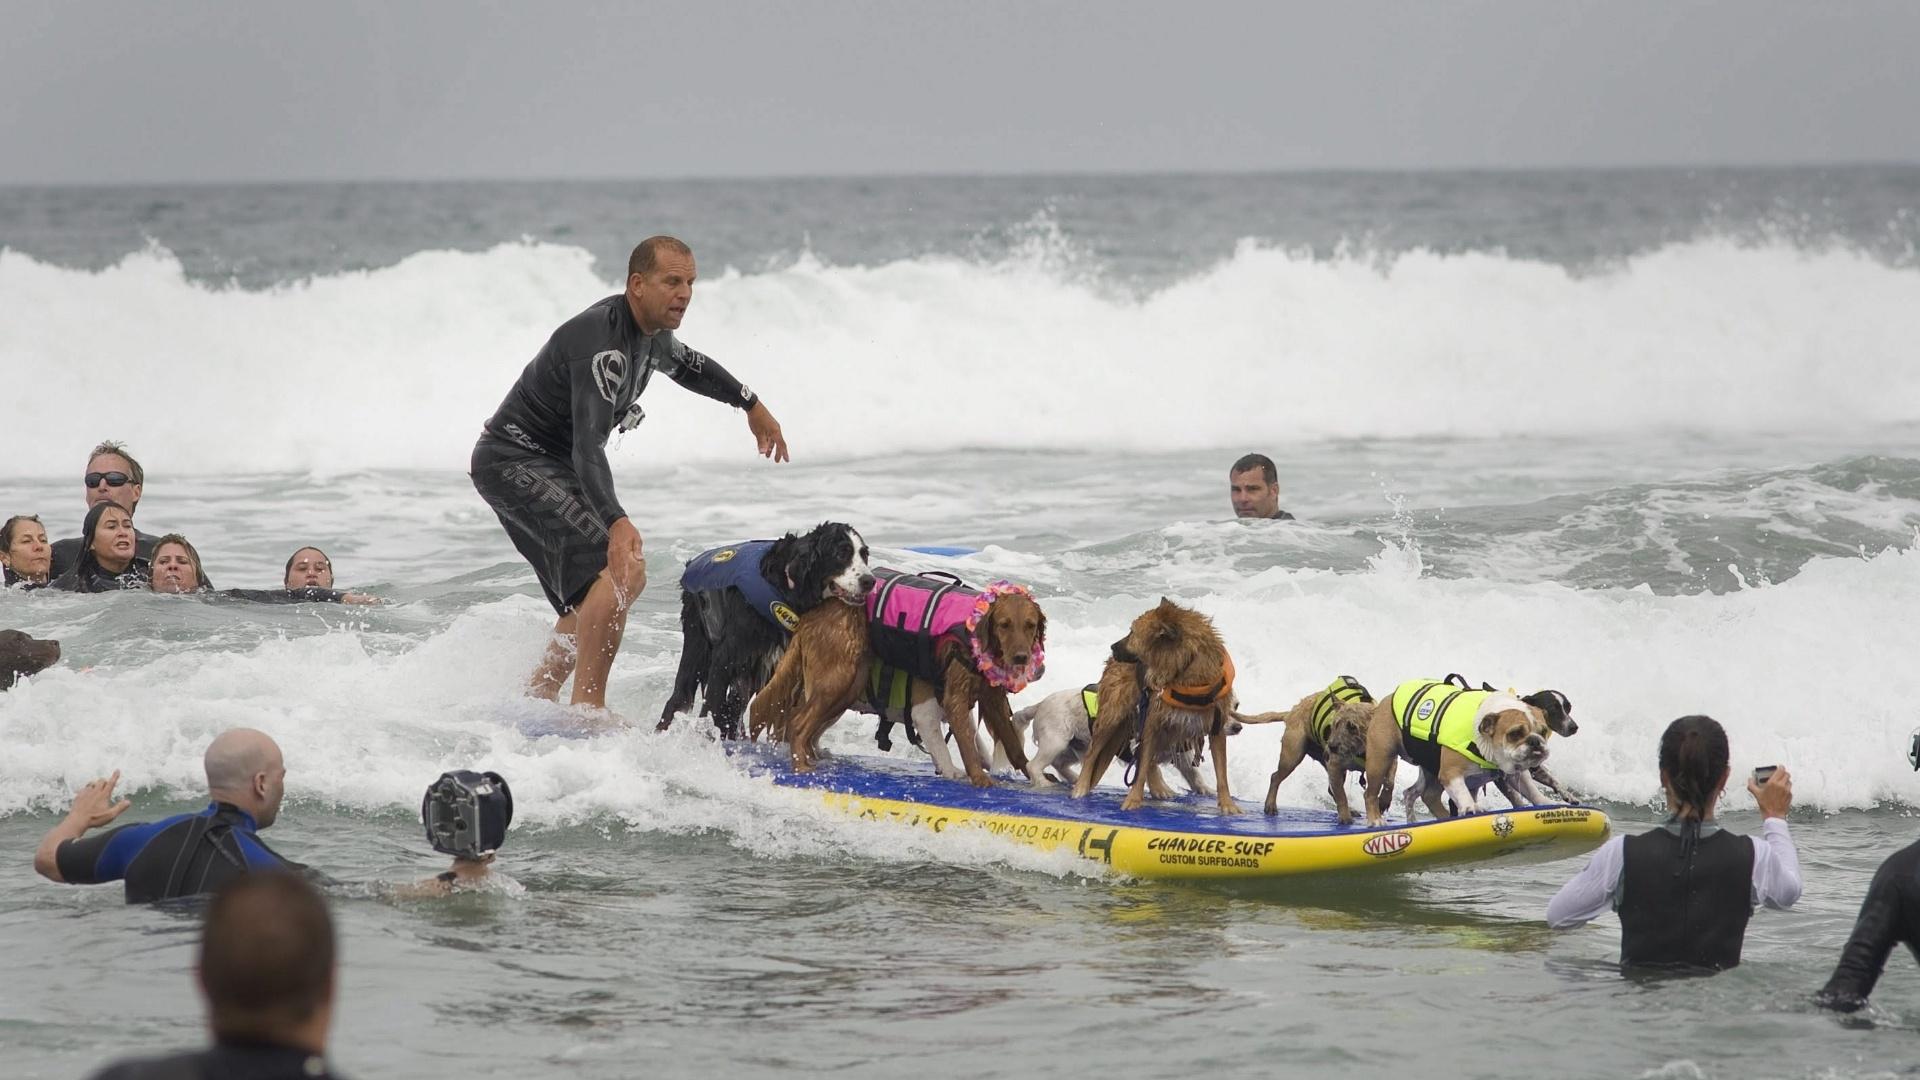 Cachorro participa de competição de surfe nos EUA